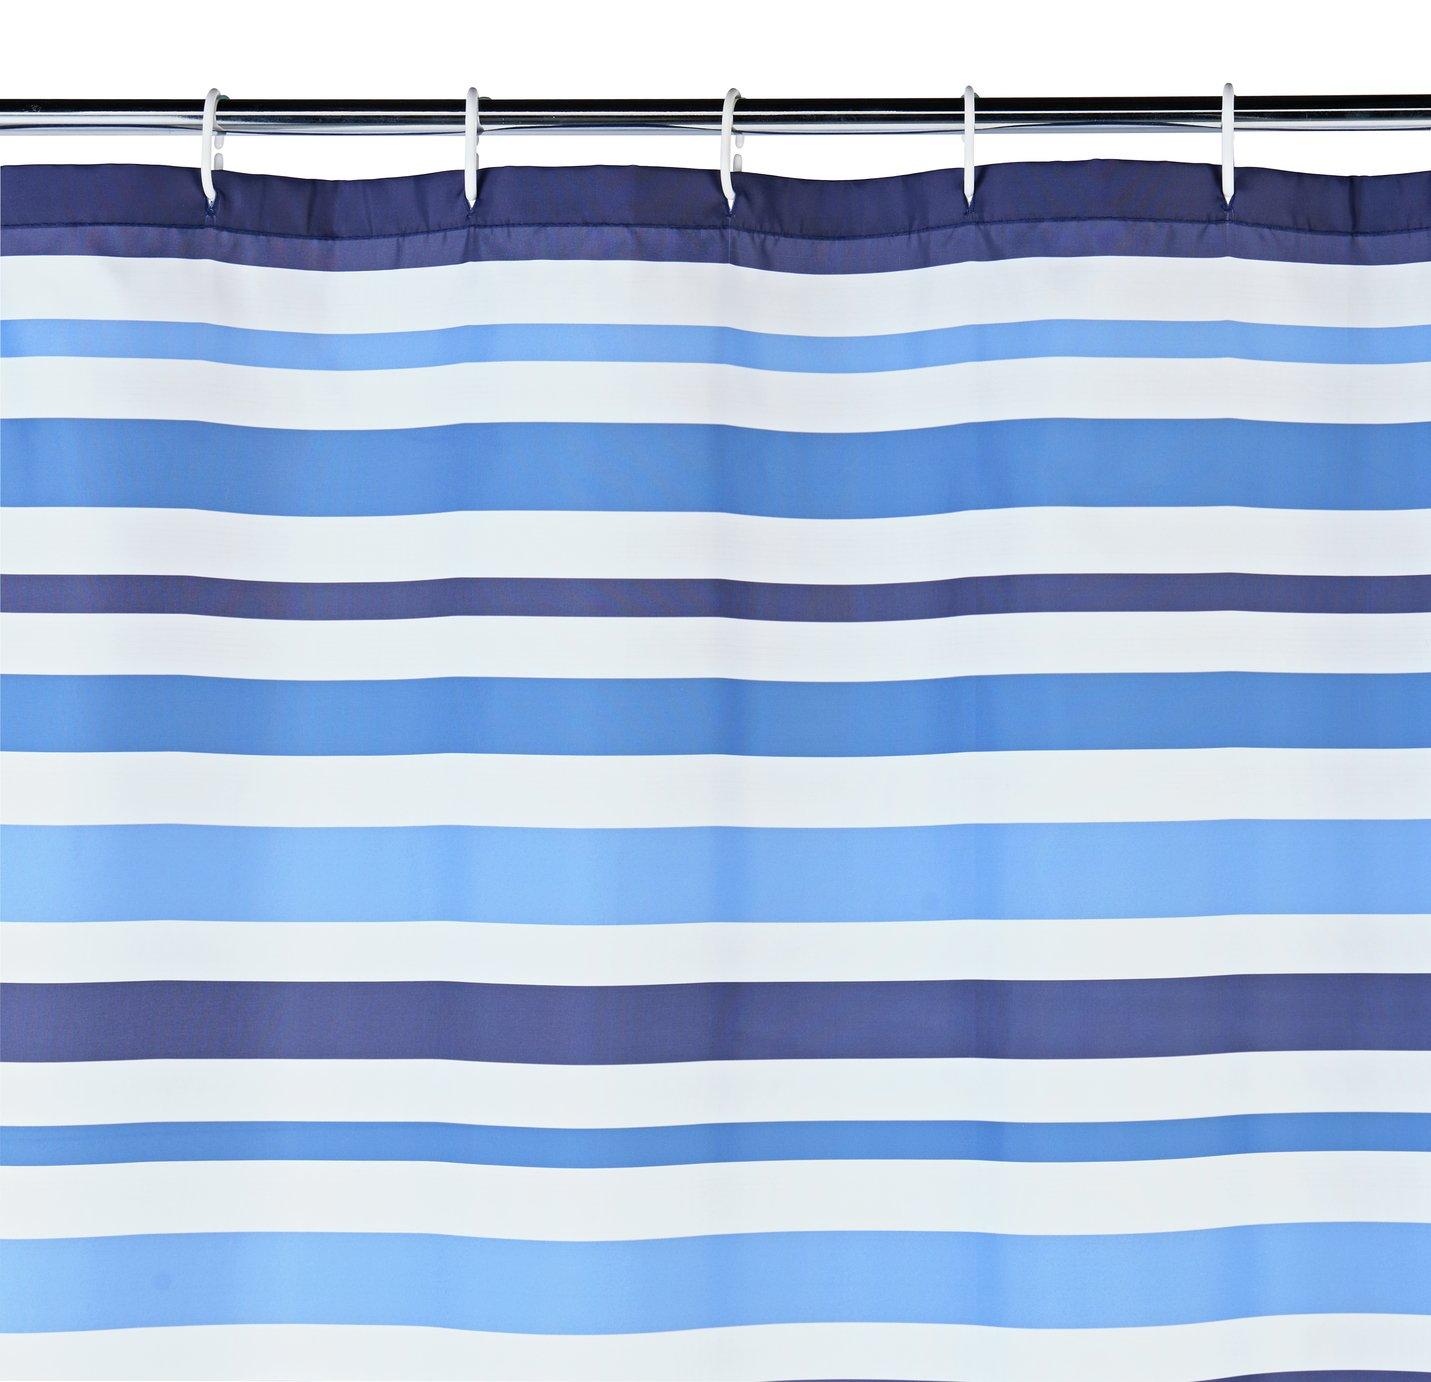 Shower Curtains Poles Curtains Rails Rods Argos